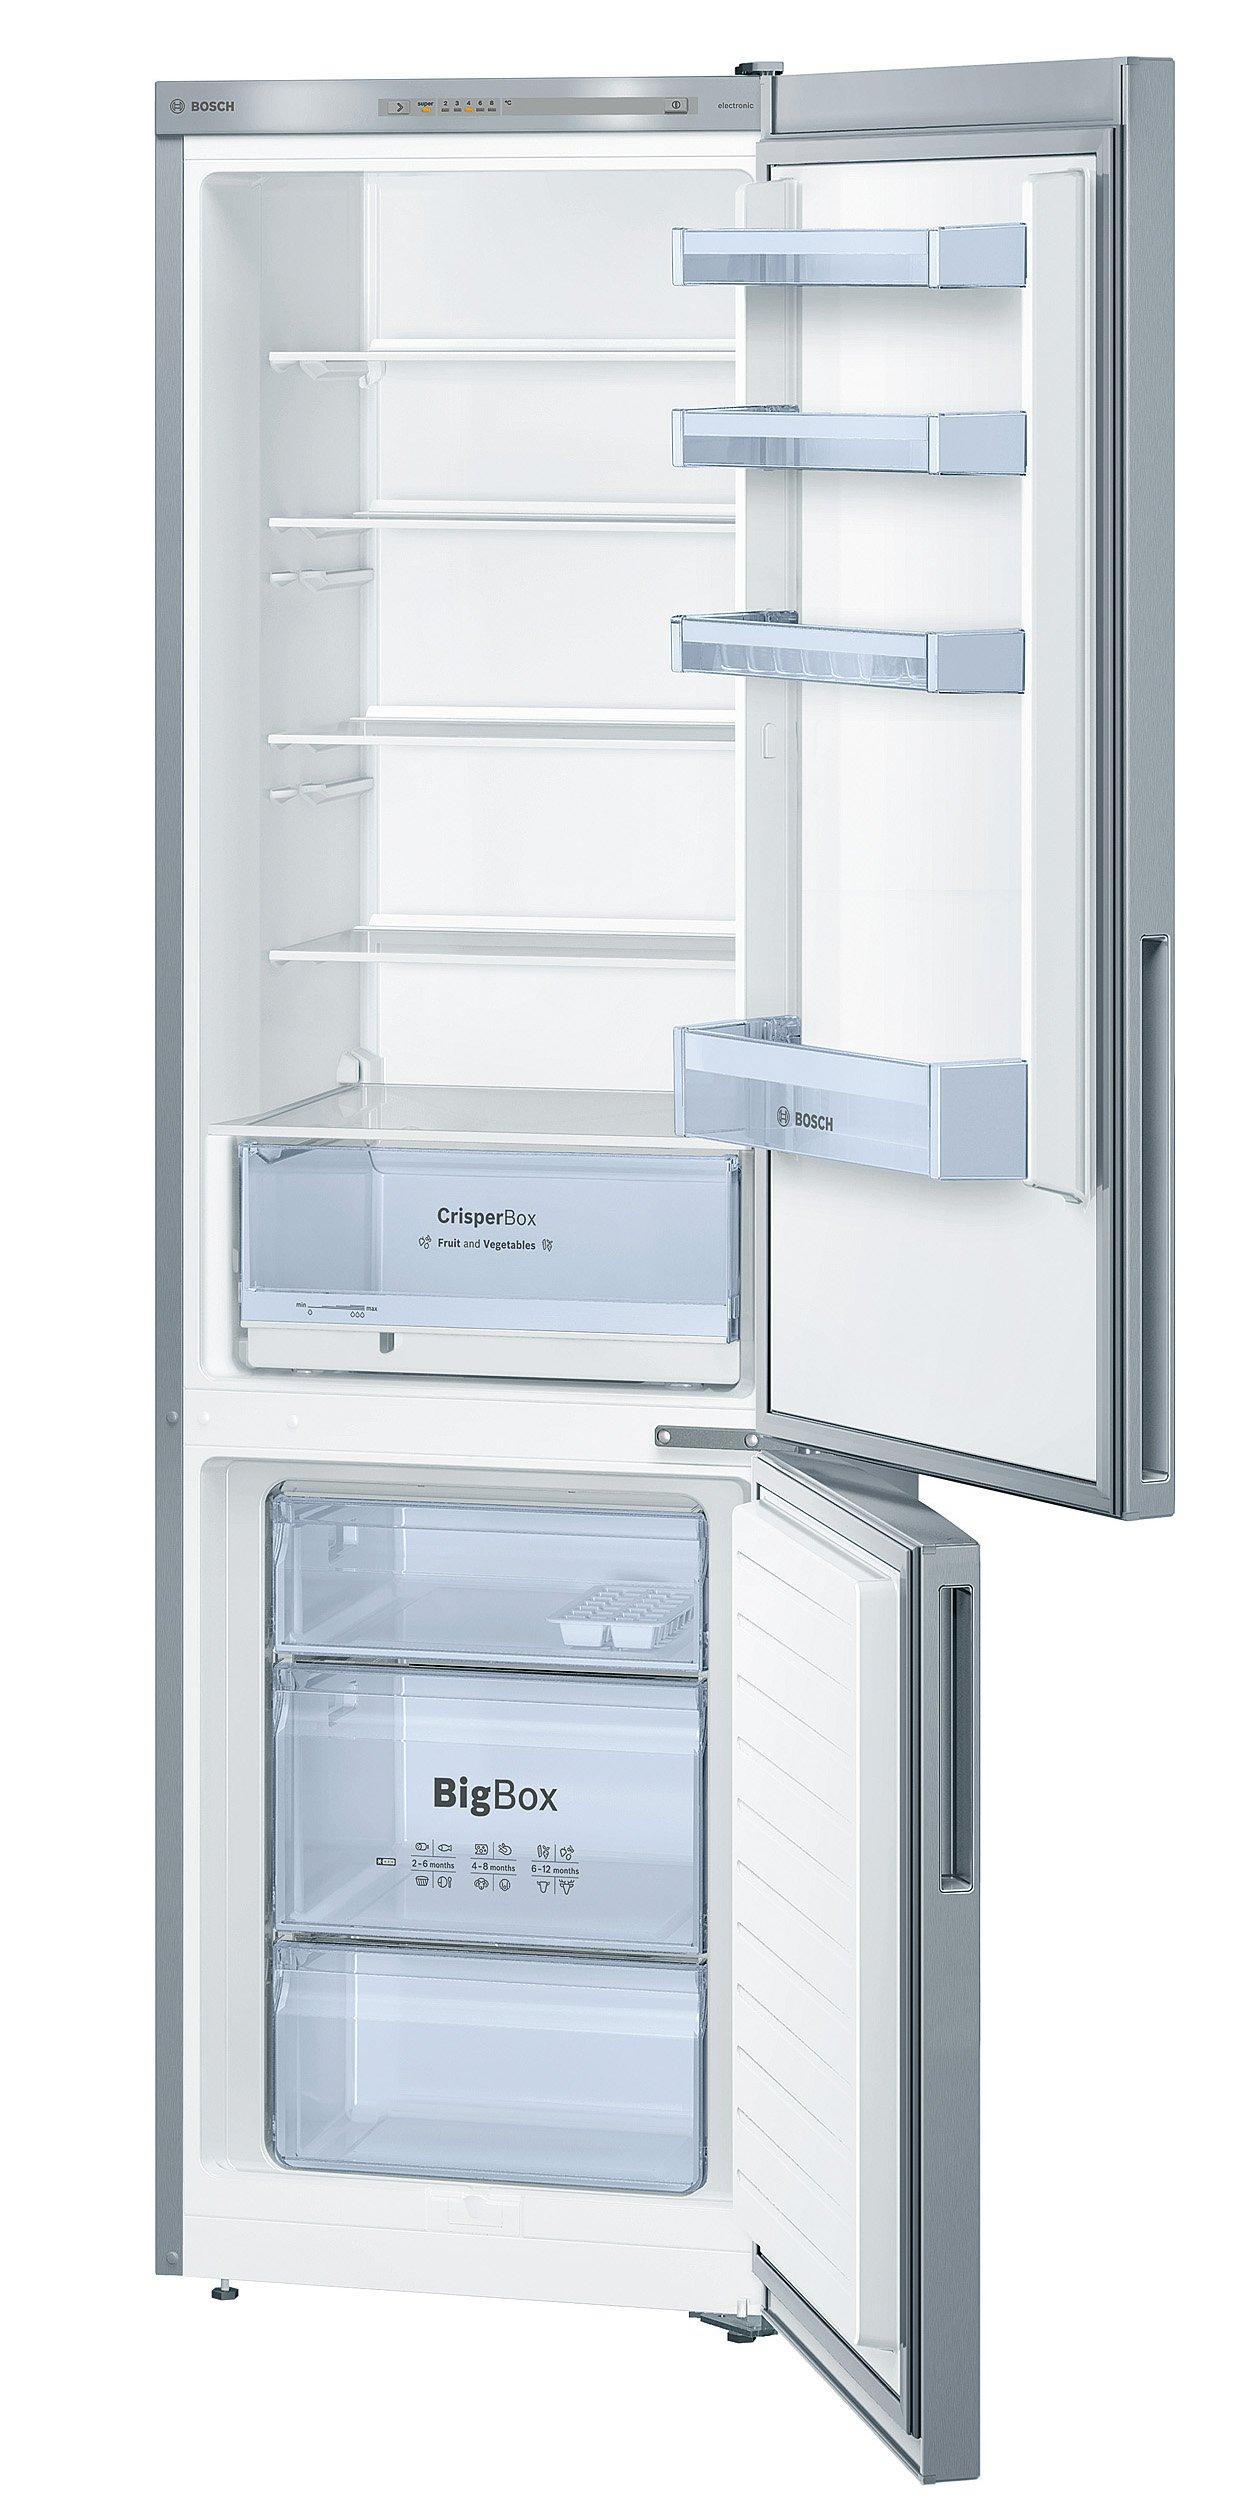 Bosch KGV39VL33 Serie 4 Freistehende Kühl-Gefrier-Kombination / A++ / 201 cm / 237 kWh/Jahr / Inox-look / 248 L Kühlteil…